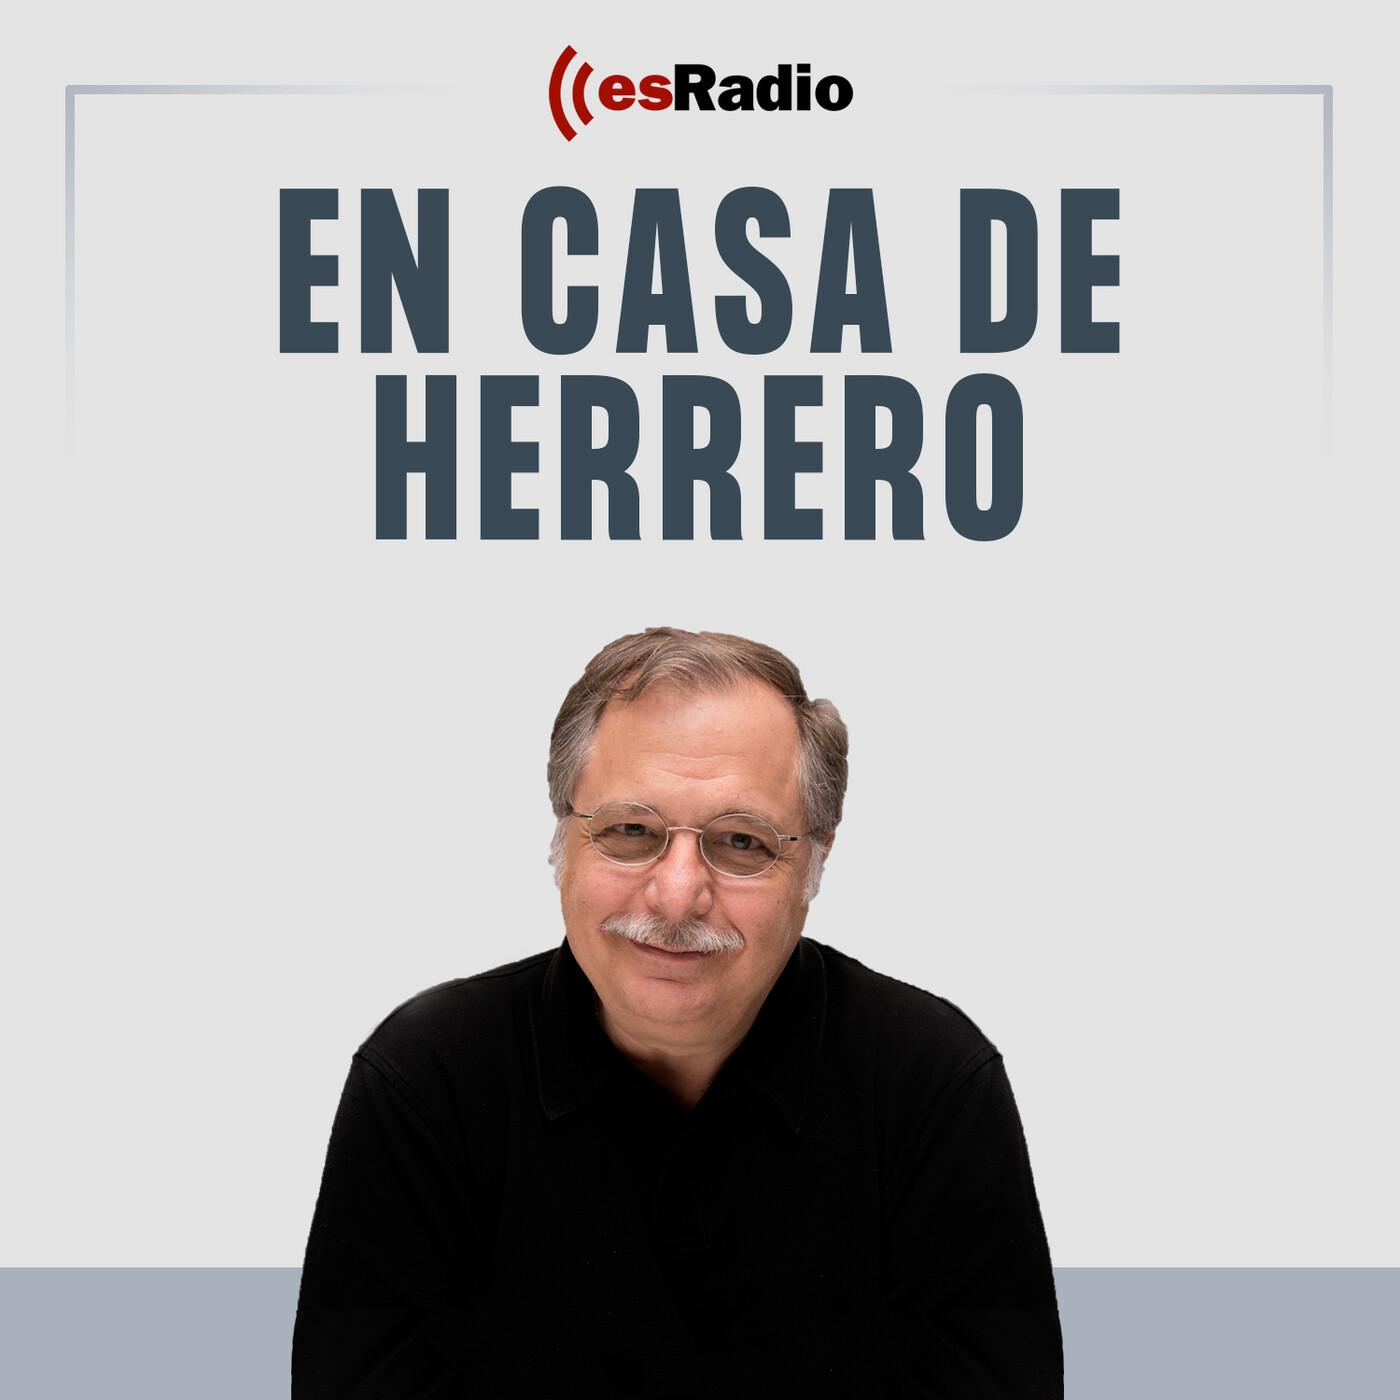 Las Noticias de Herrero: Aragón detecta 348 casos de covid en las últimas 24 horas, 149 asintomáticos